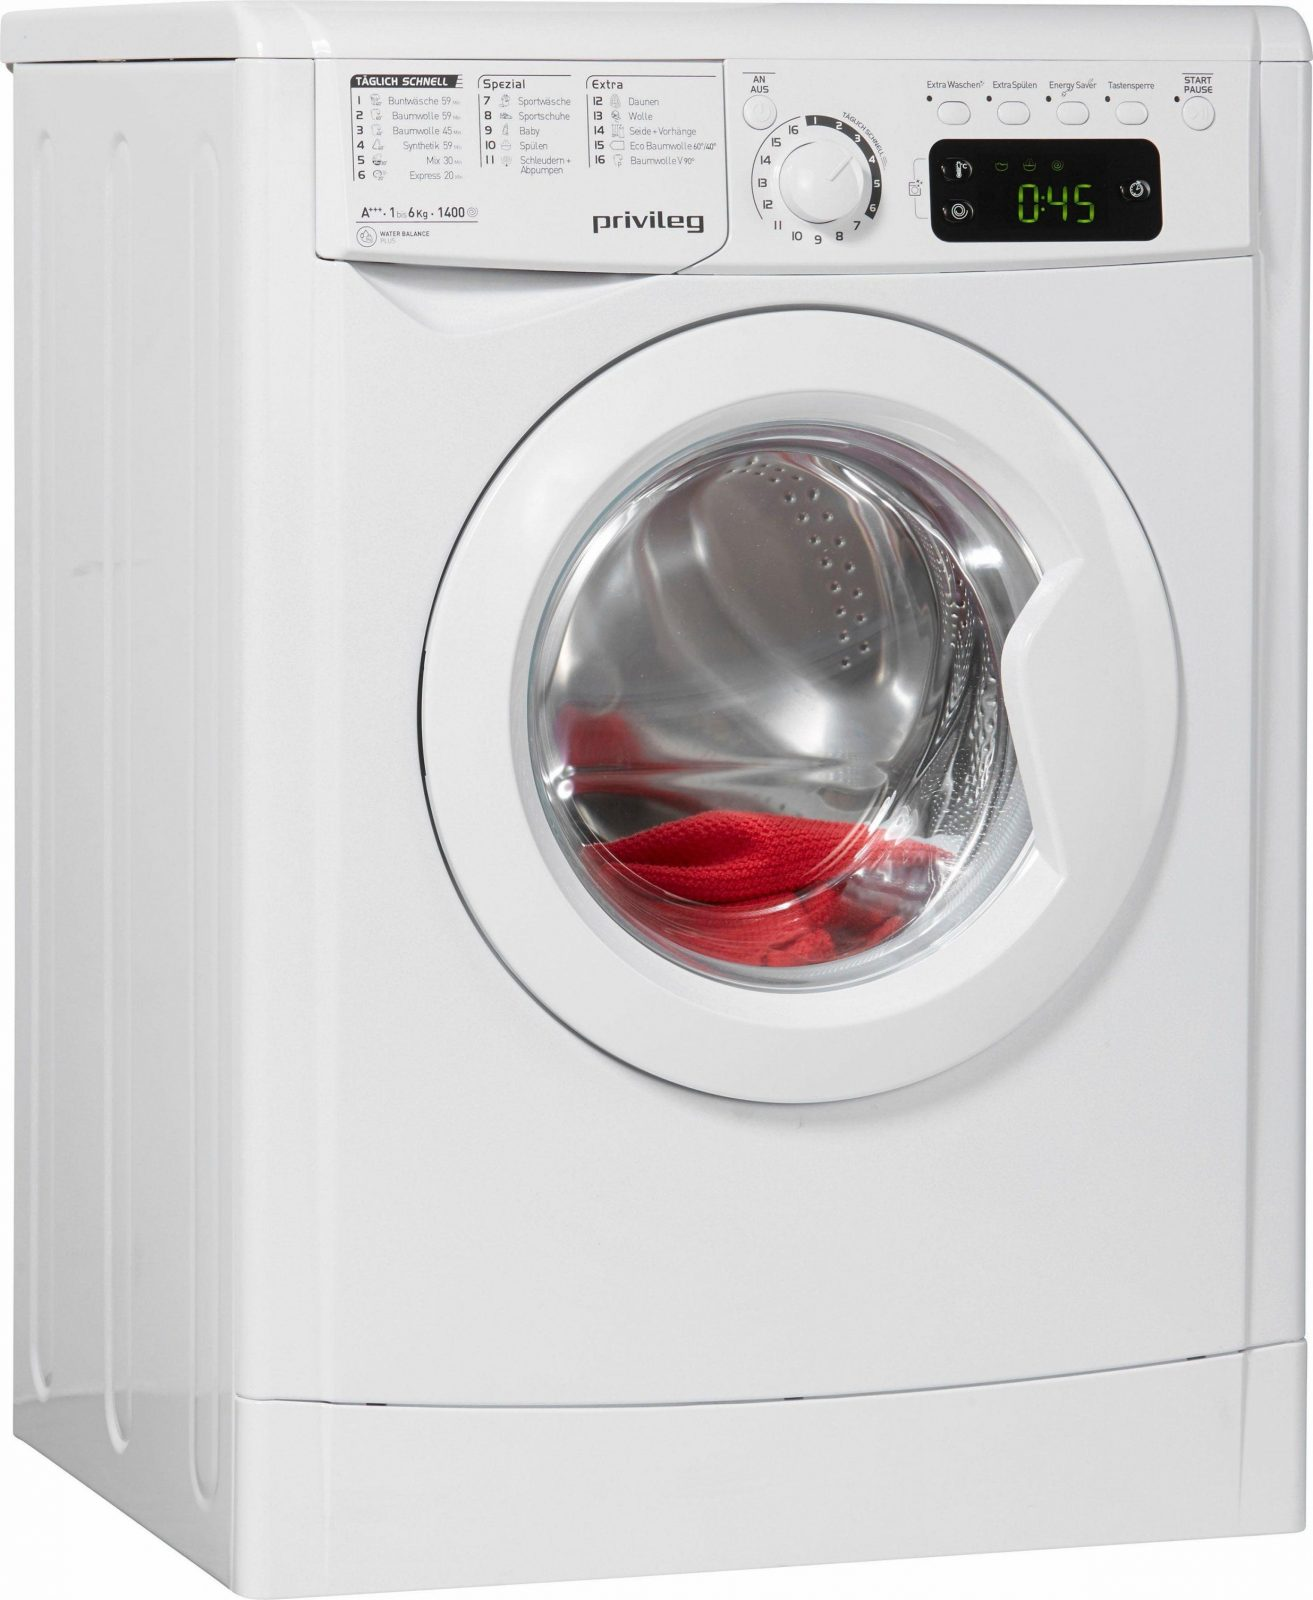 Waschmaschinen 2018  Waschmaschine Ratgeber von Beko Wmb 71443 Pte Stiftung Warentest Photo